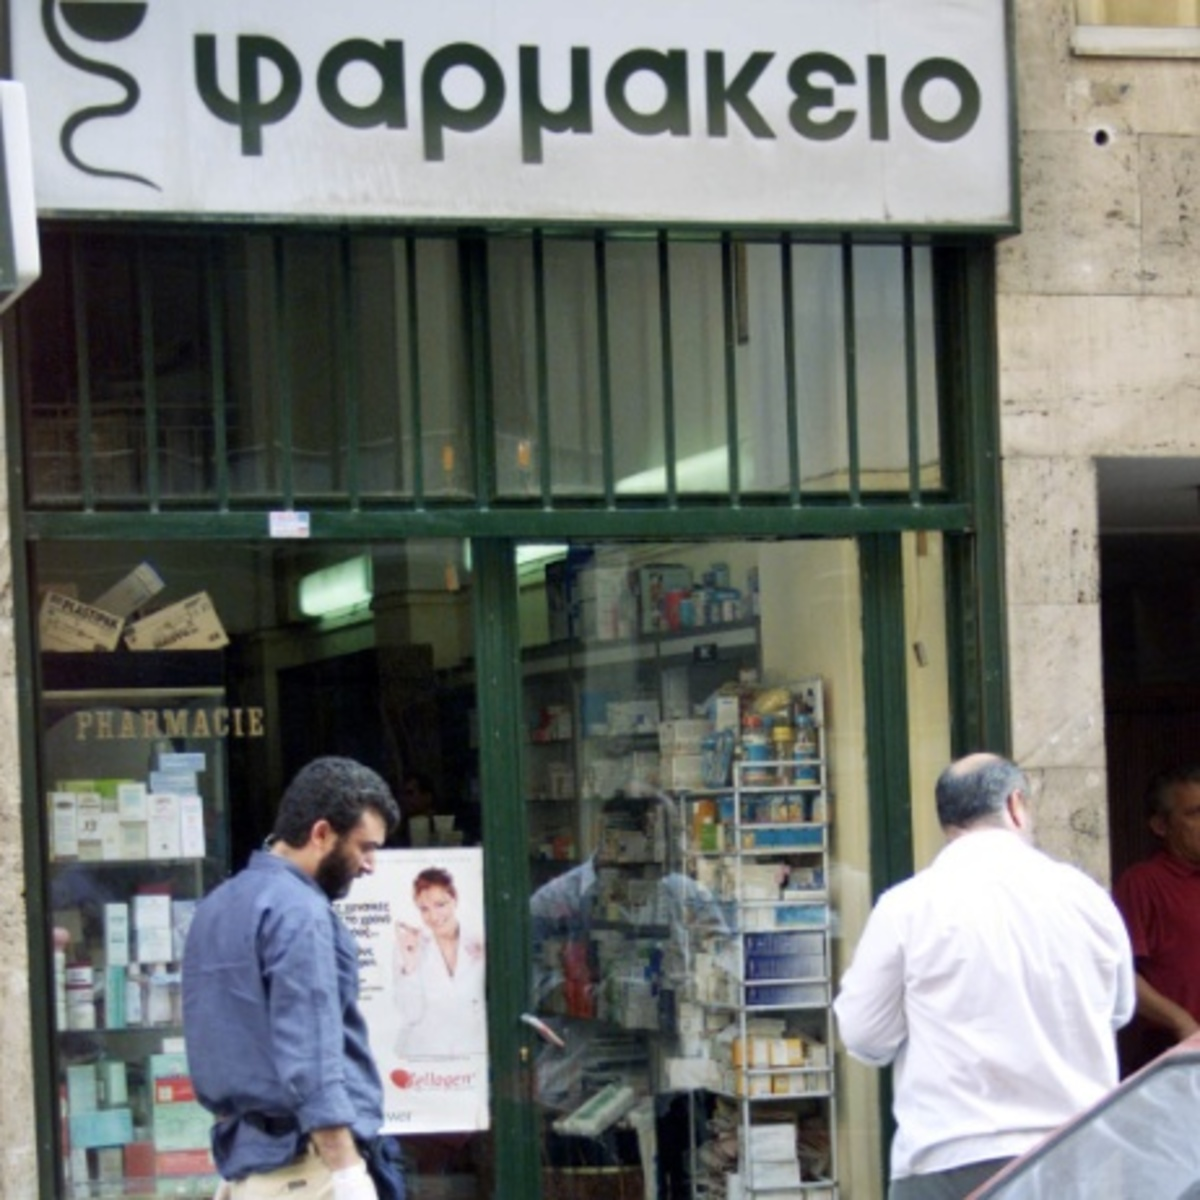 Ηράκλειο: Έβγαλε όπλο σε φαρμακοποιό! | Newsit.gr